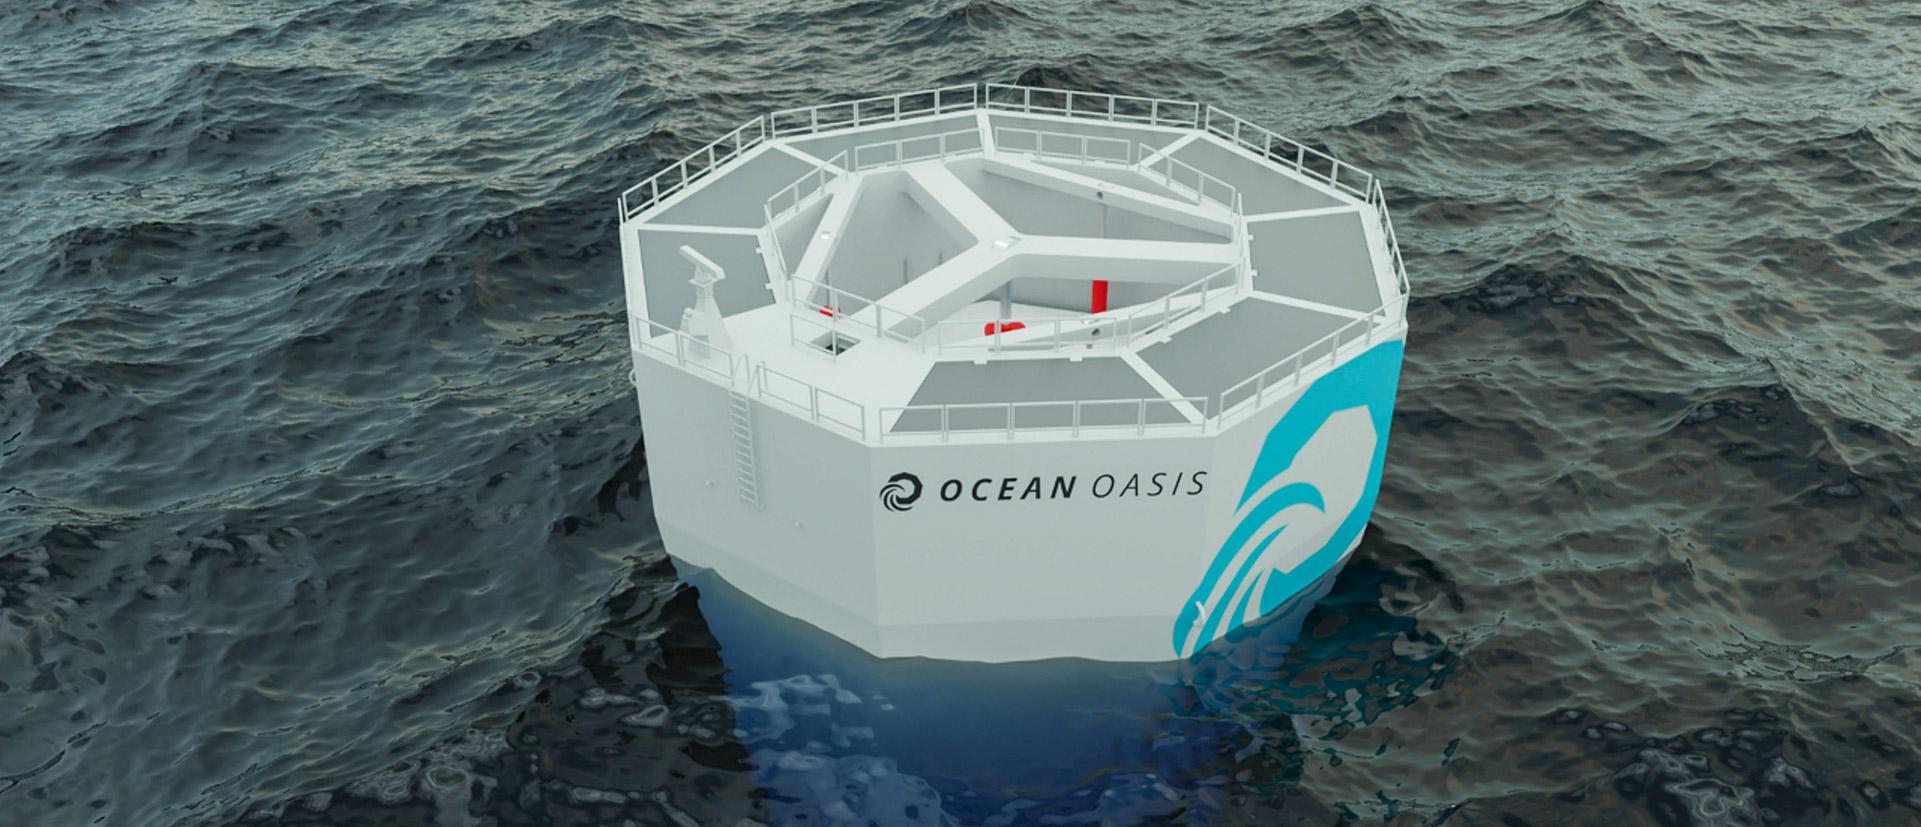 Ocean Oasis example